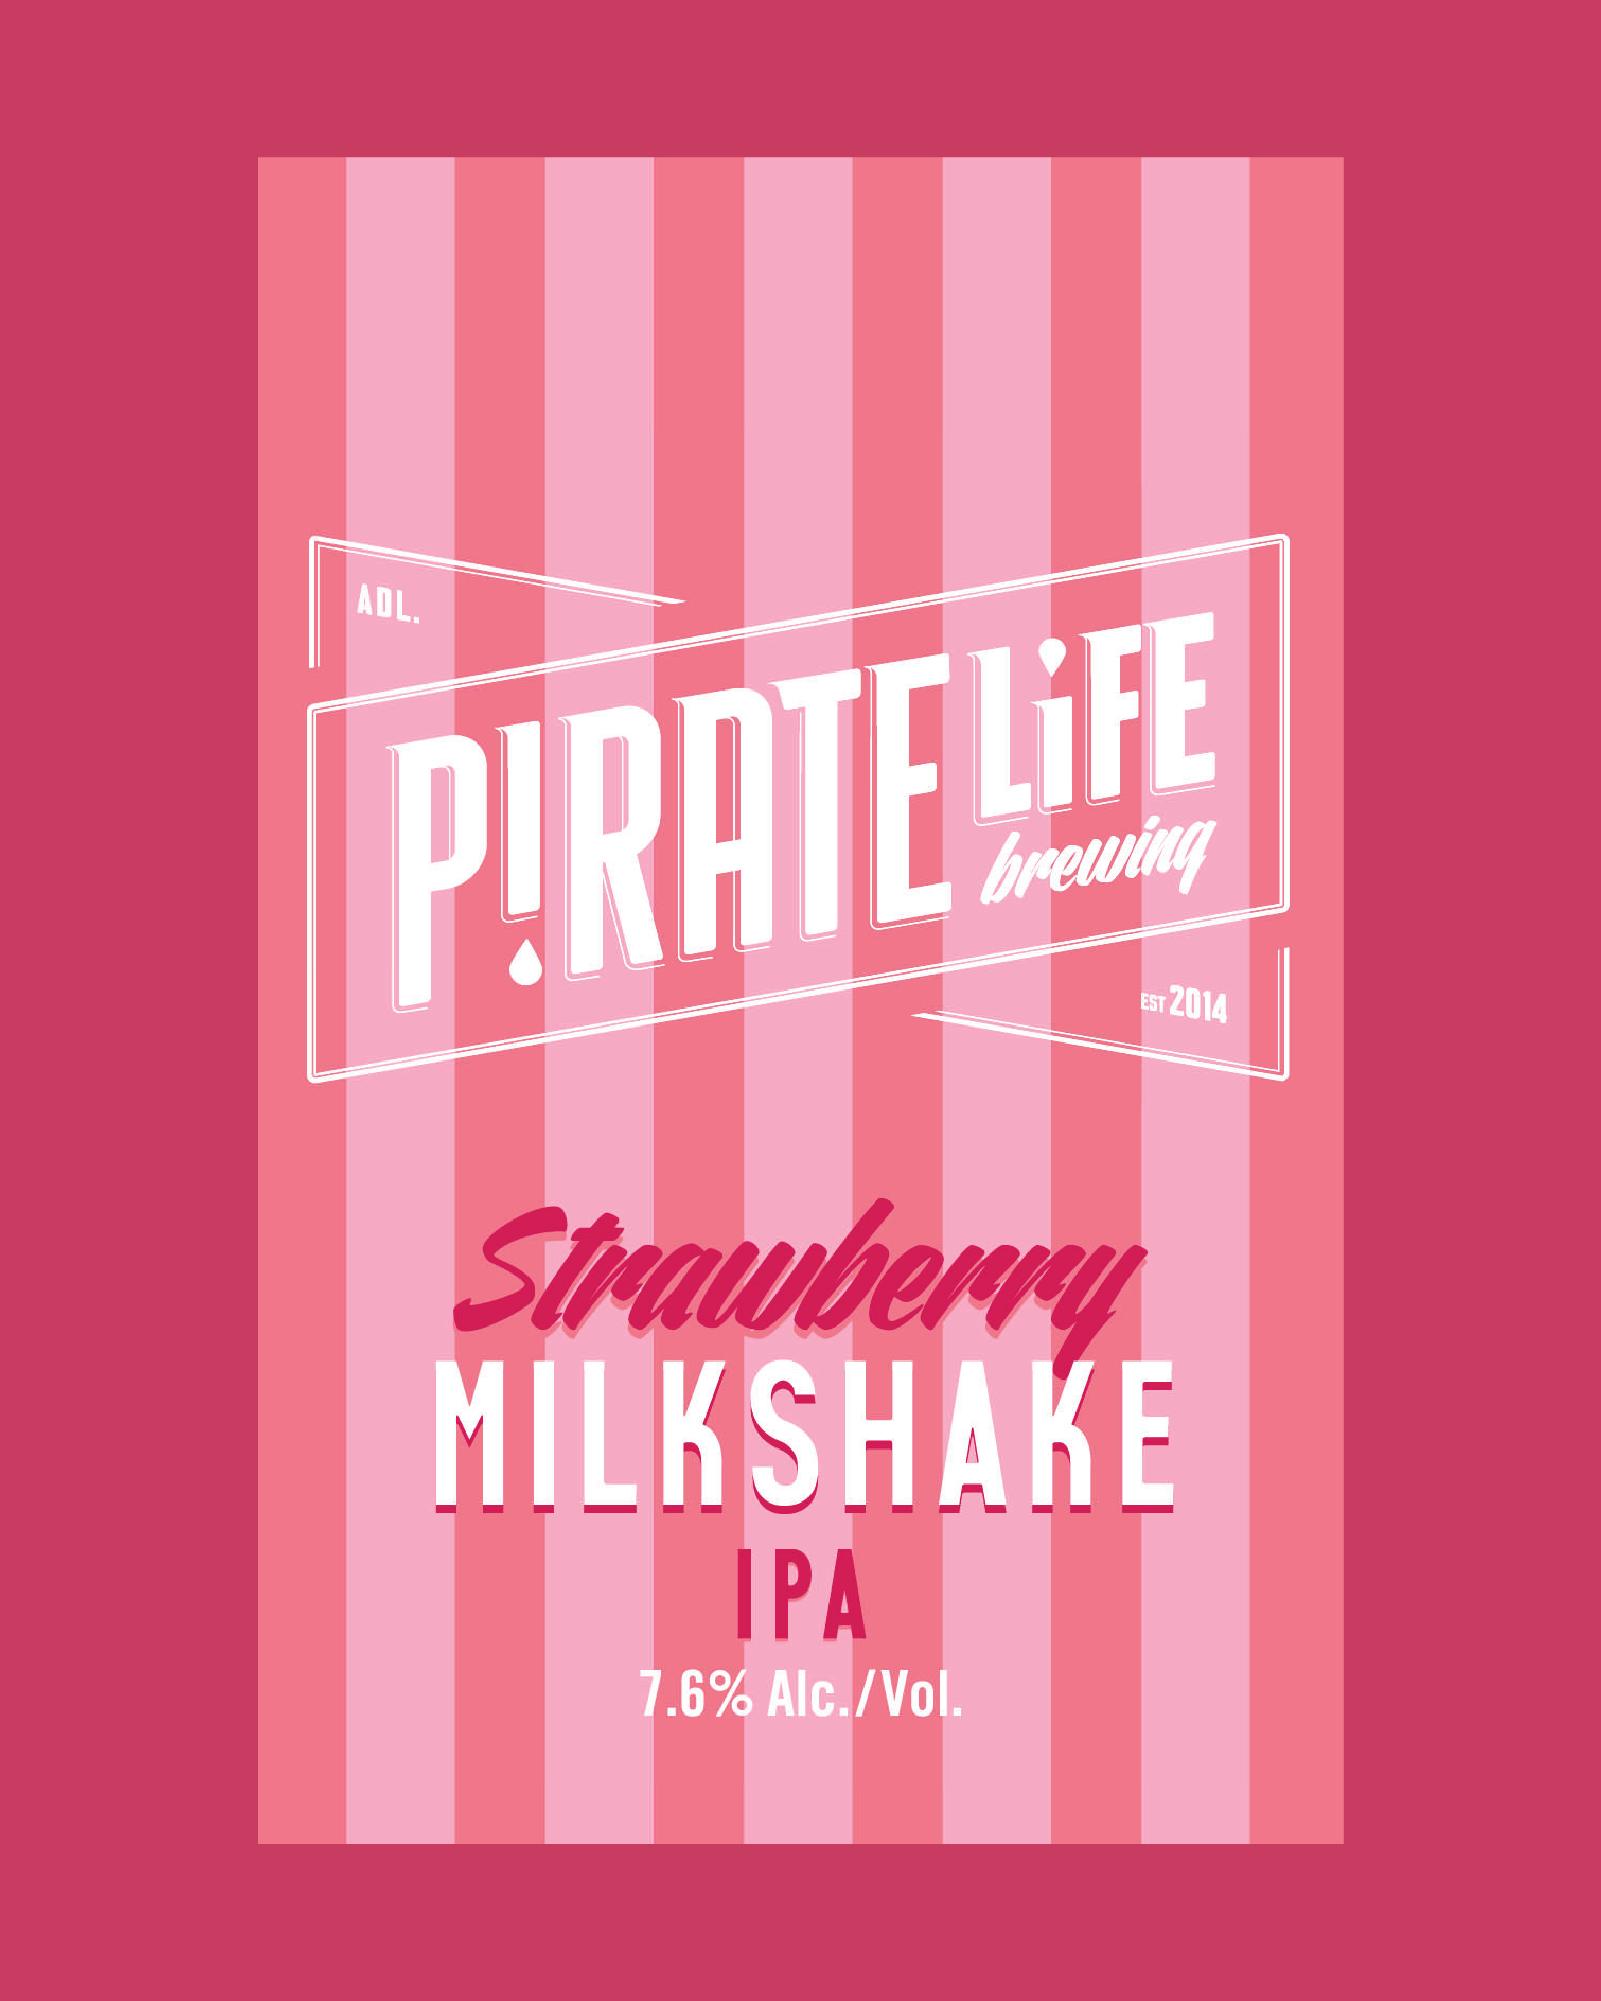 Strawberry_Milkshake-02